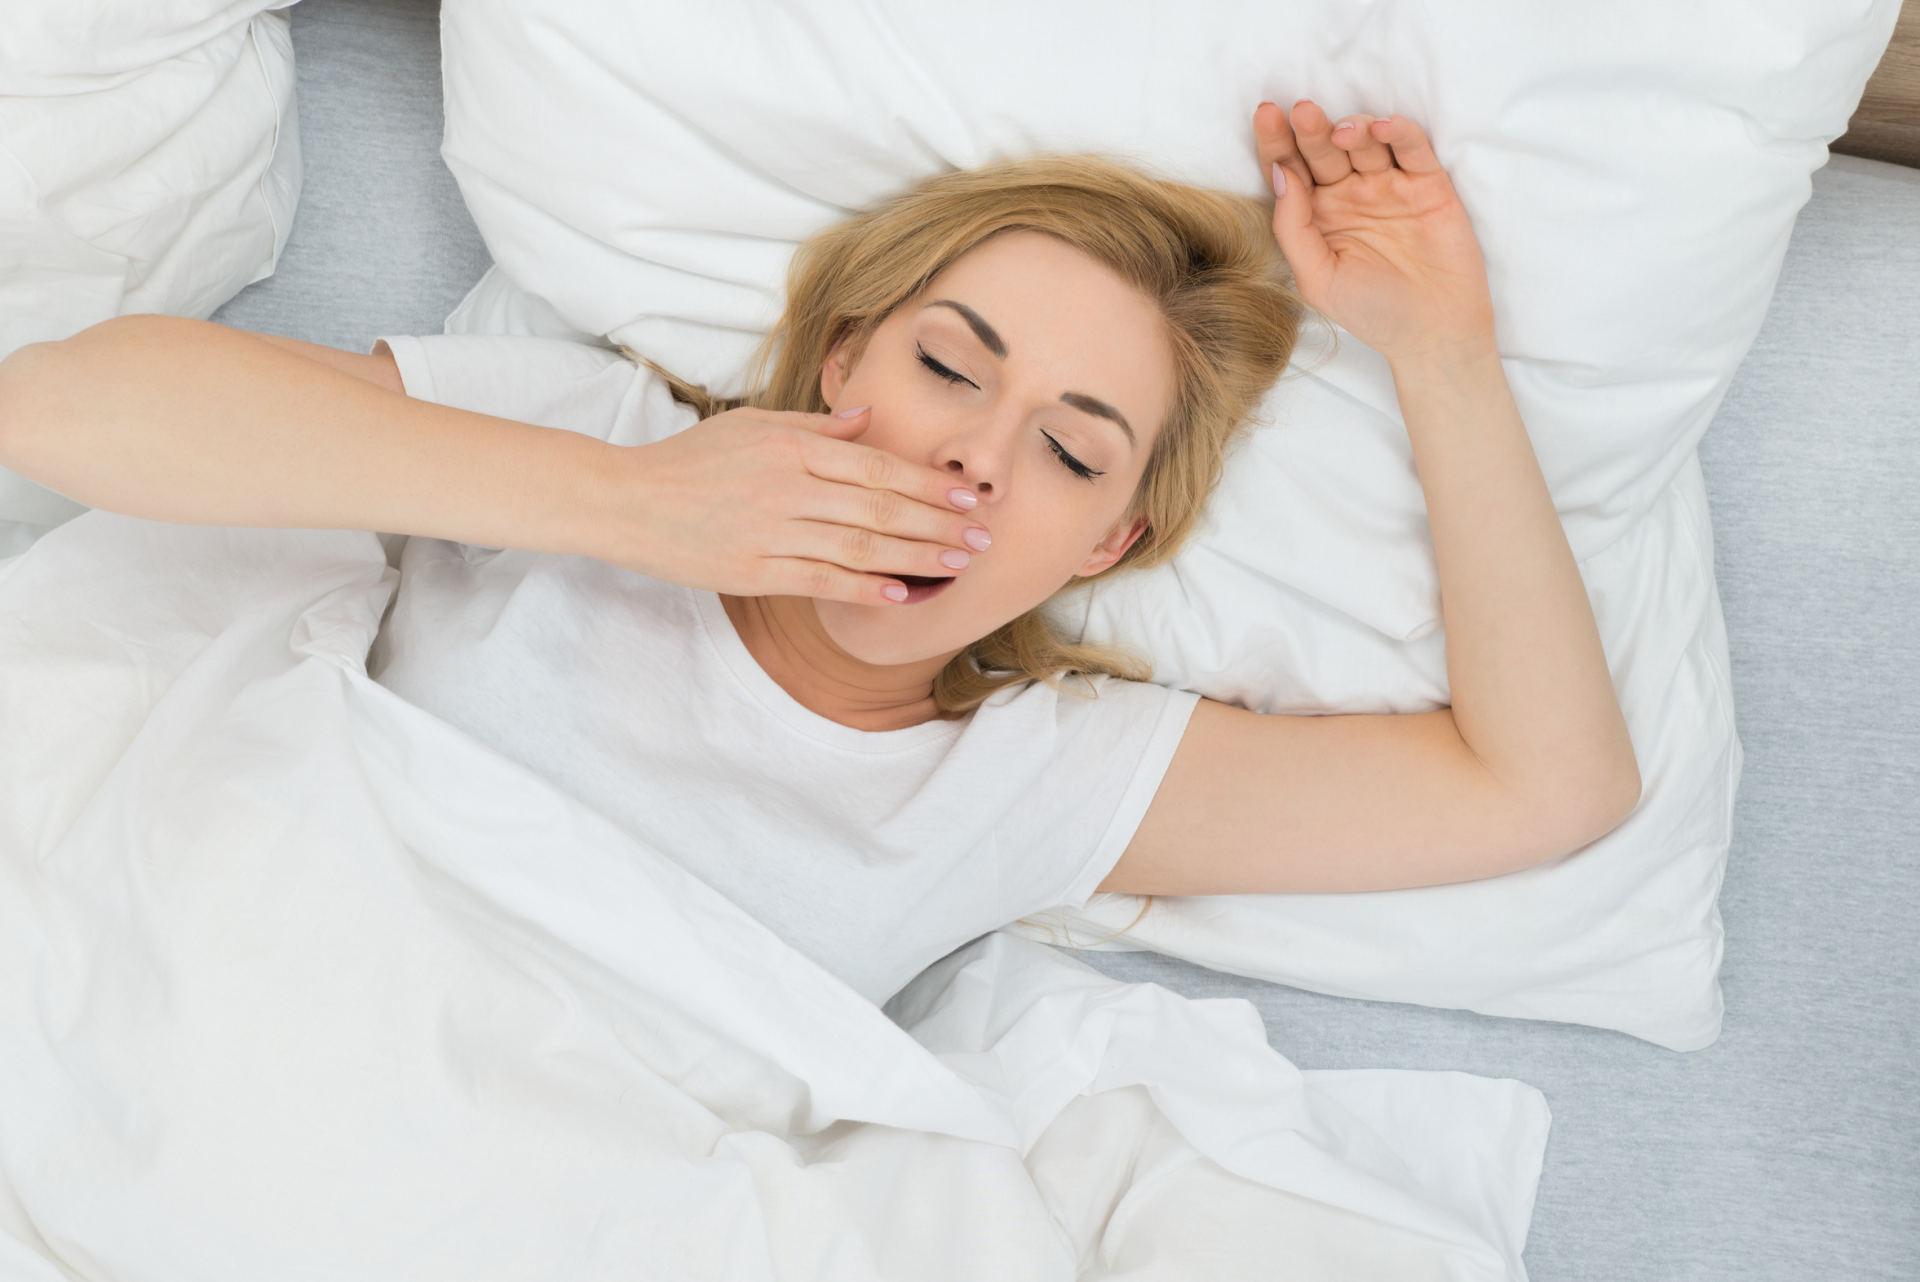 Nemiga - ką daryti? 10 būdų, kaip padėti greitai užmigti - Hipertenzija November